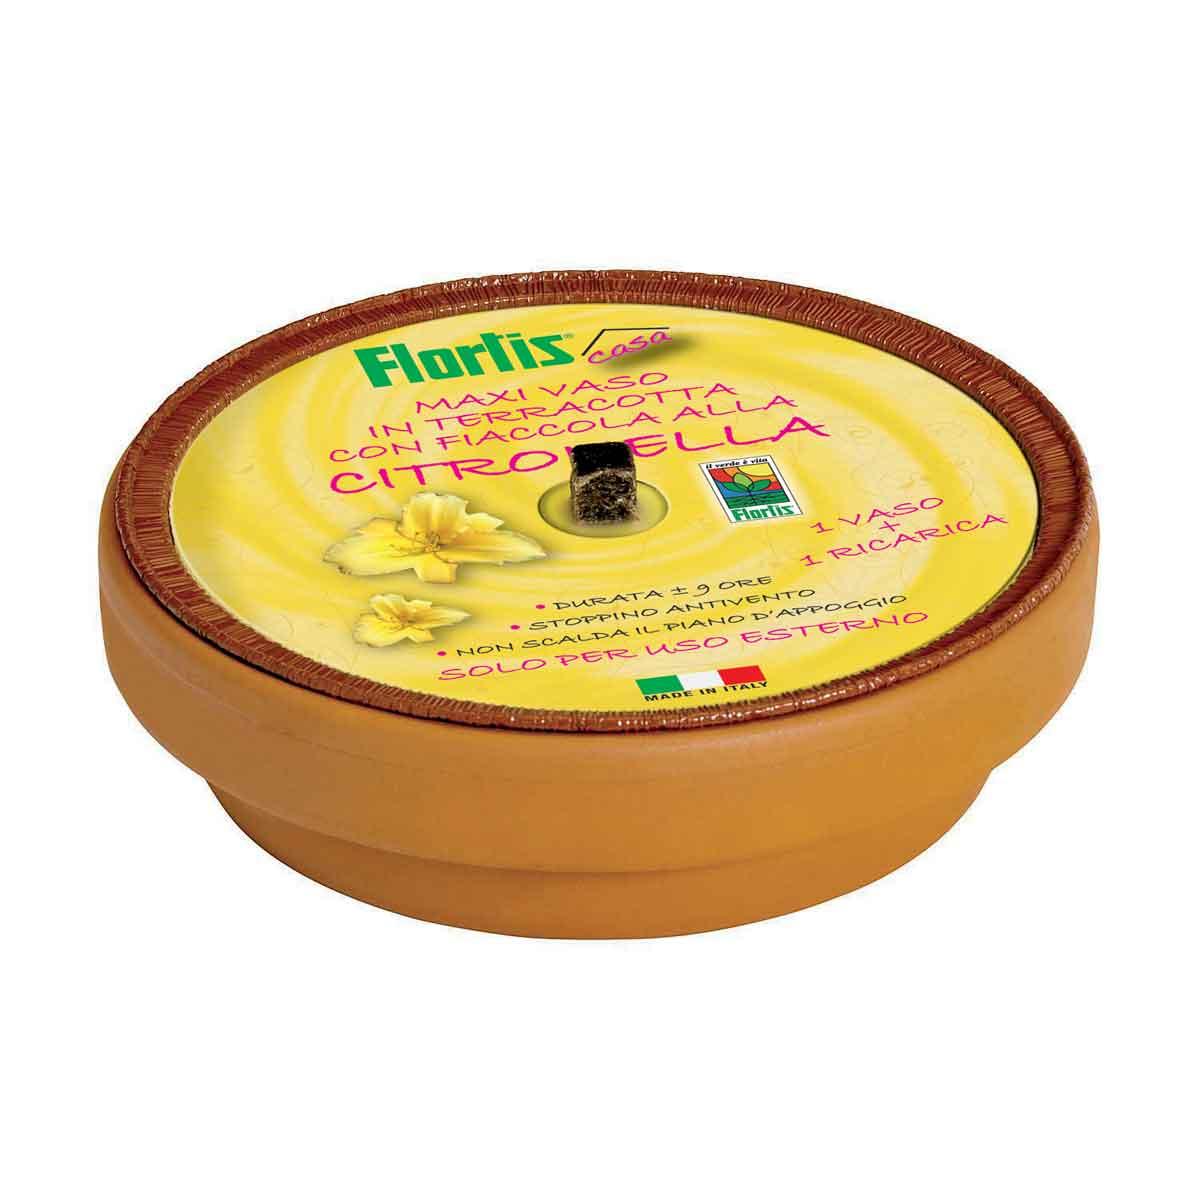 Flortis maxi vaso anti zanzare in terracotta con fiaccola alla citronella